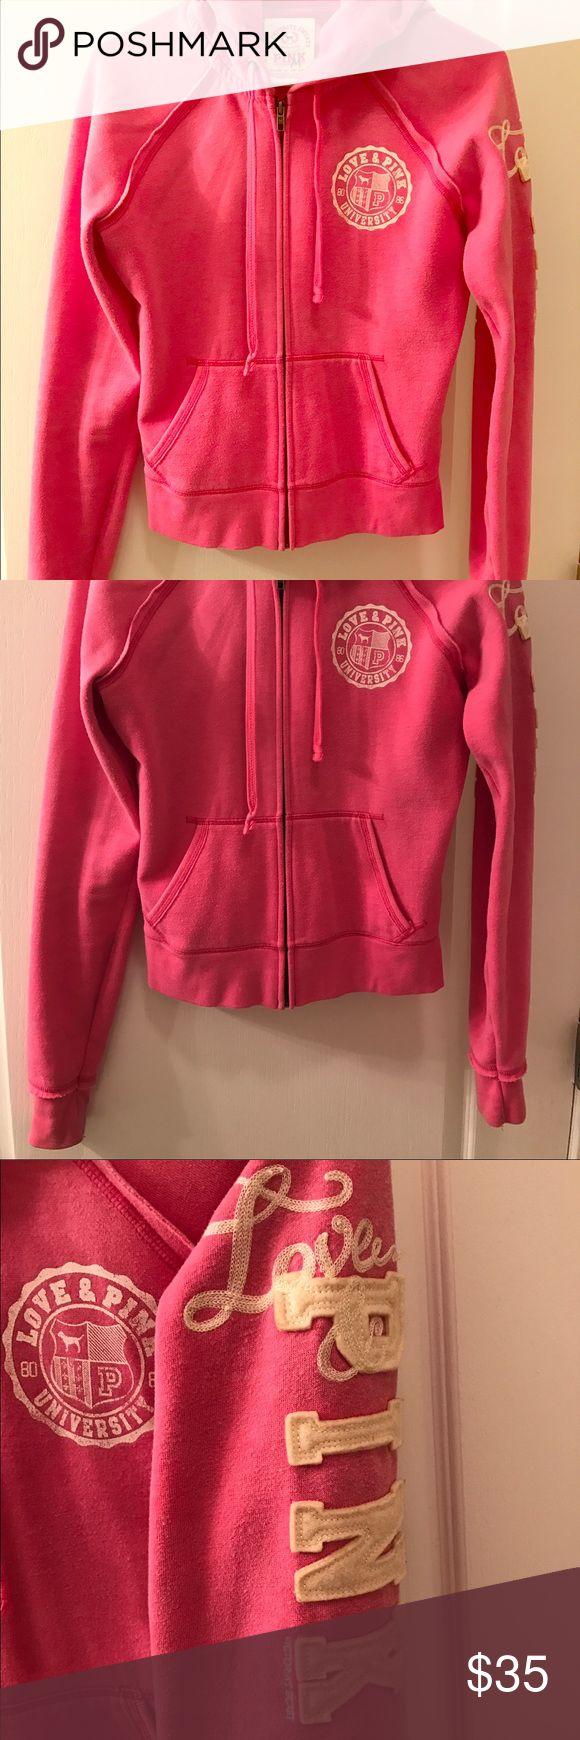 Victoria's Secret PINK zip up hoodie Pink zip up hoodie from Victoria's Secret. PINK decal along left arm. PINK Victoria's Secret Tops Sweatshirts & Hoodies